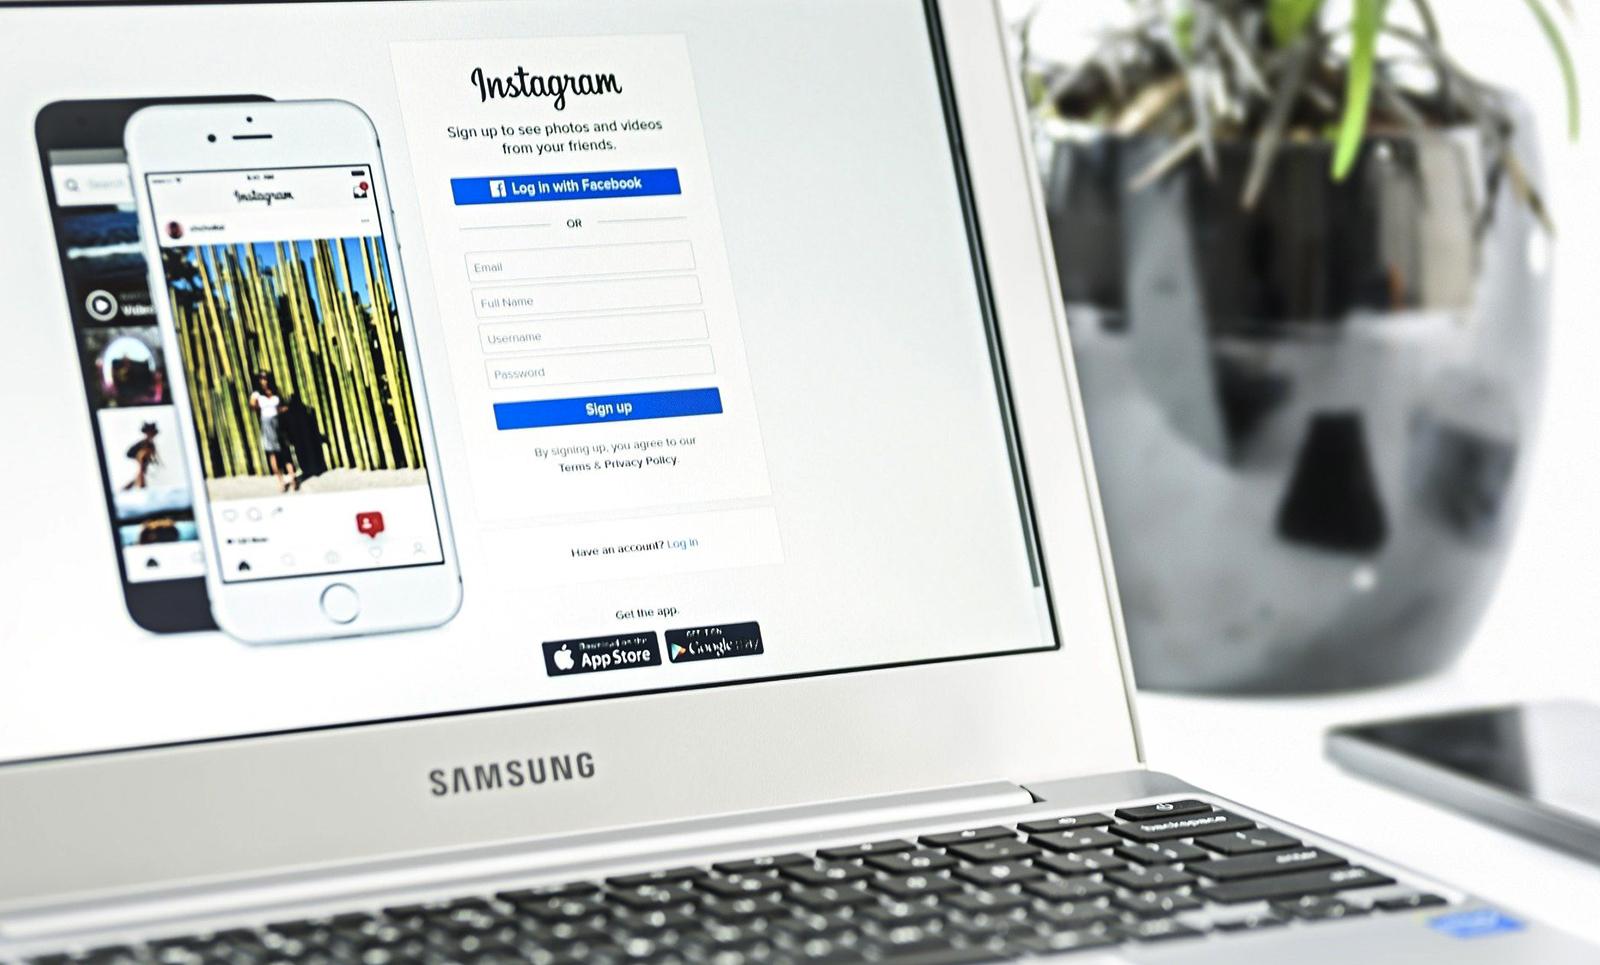 gagner abonnee instagram